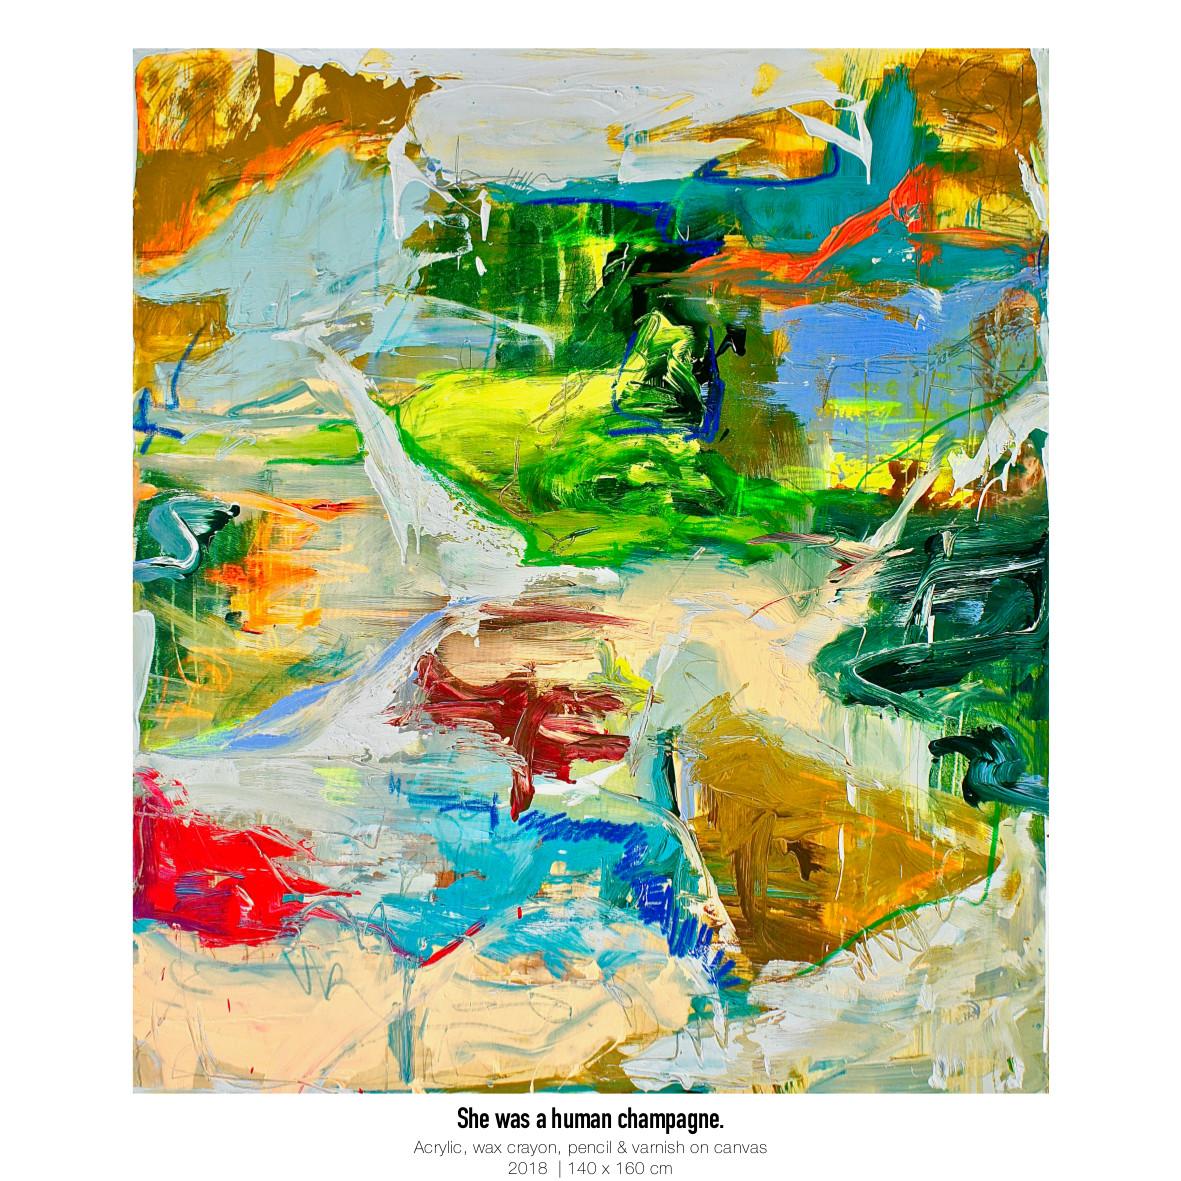 Theresa Kallrath Kallart_She was a human champagne_Artist_Art_Contemporary Art